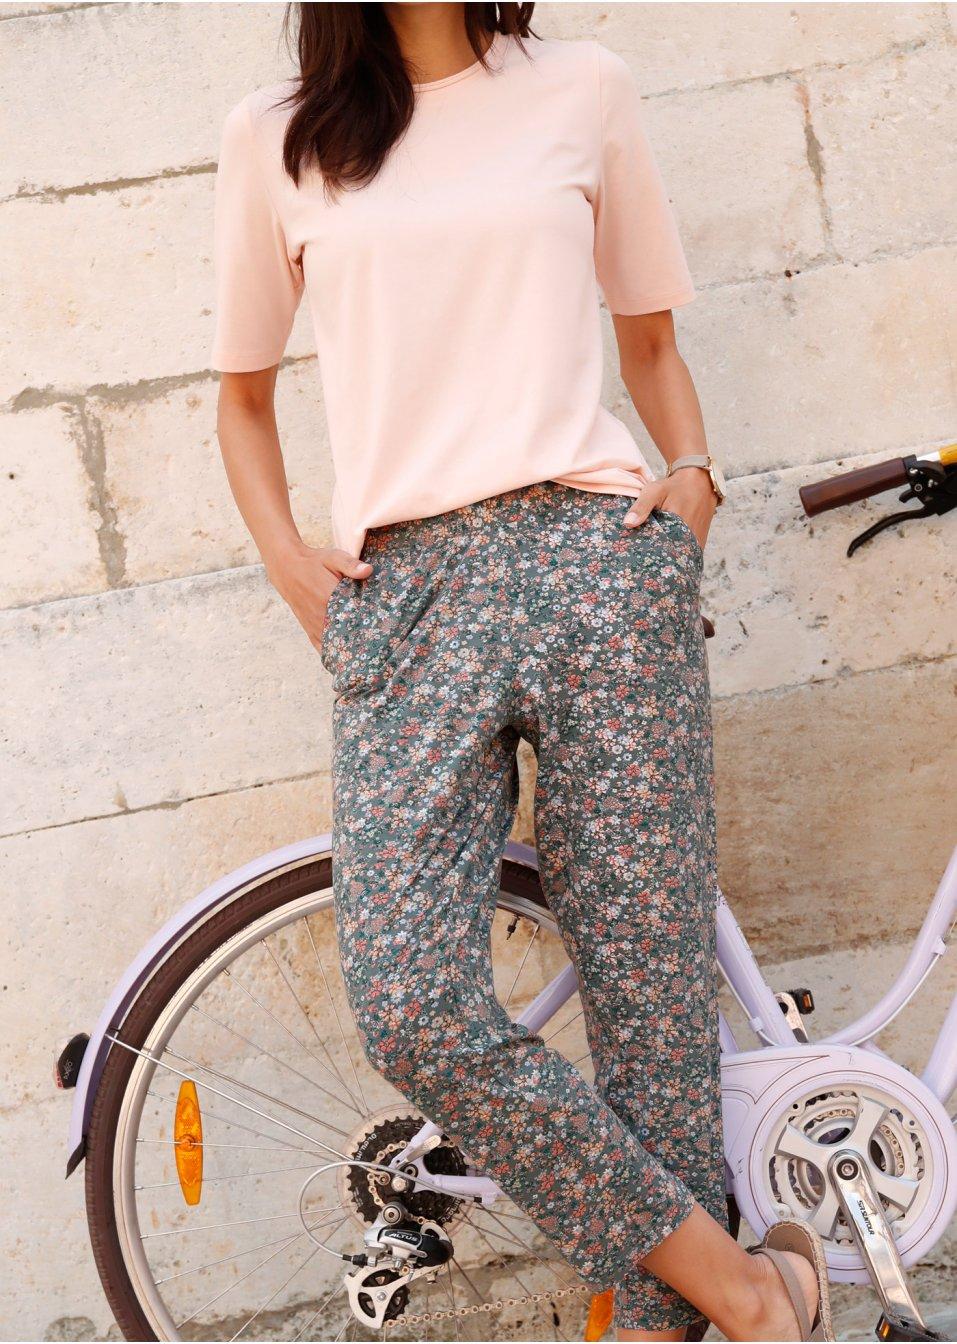 OccasioneOnline Pantaloni Donna Bonprix Su Ogni Per Da hxsCtQdr